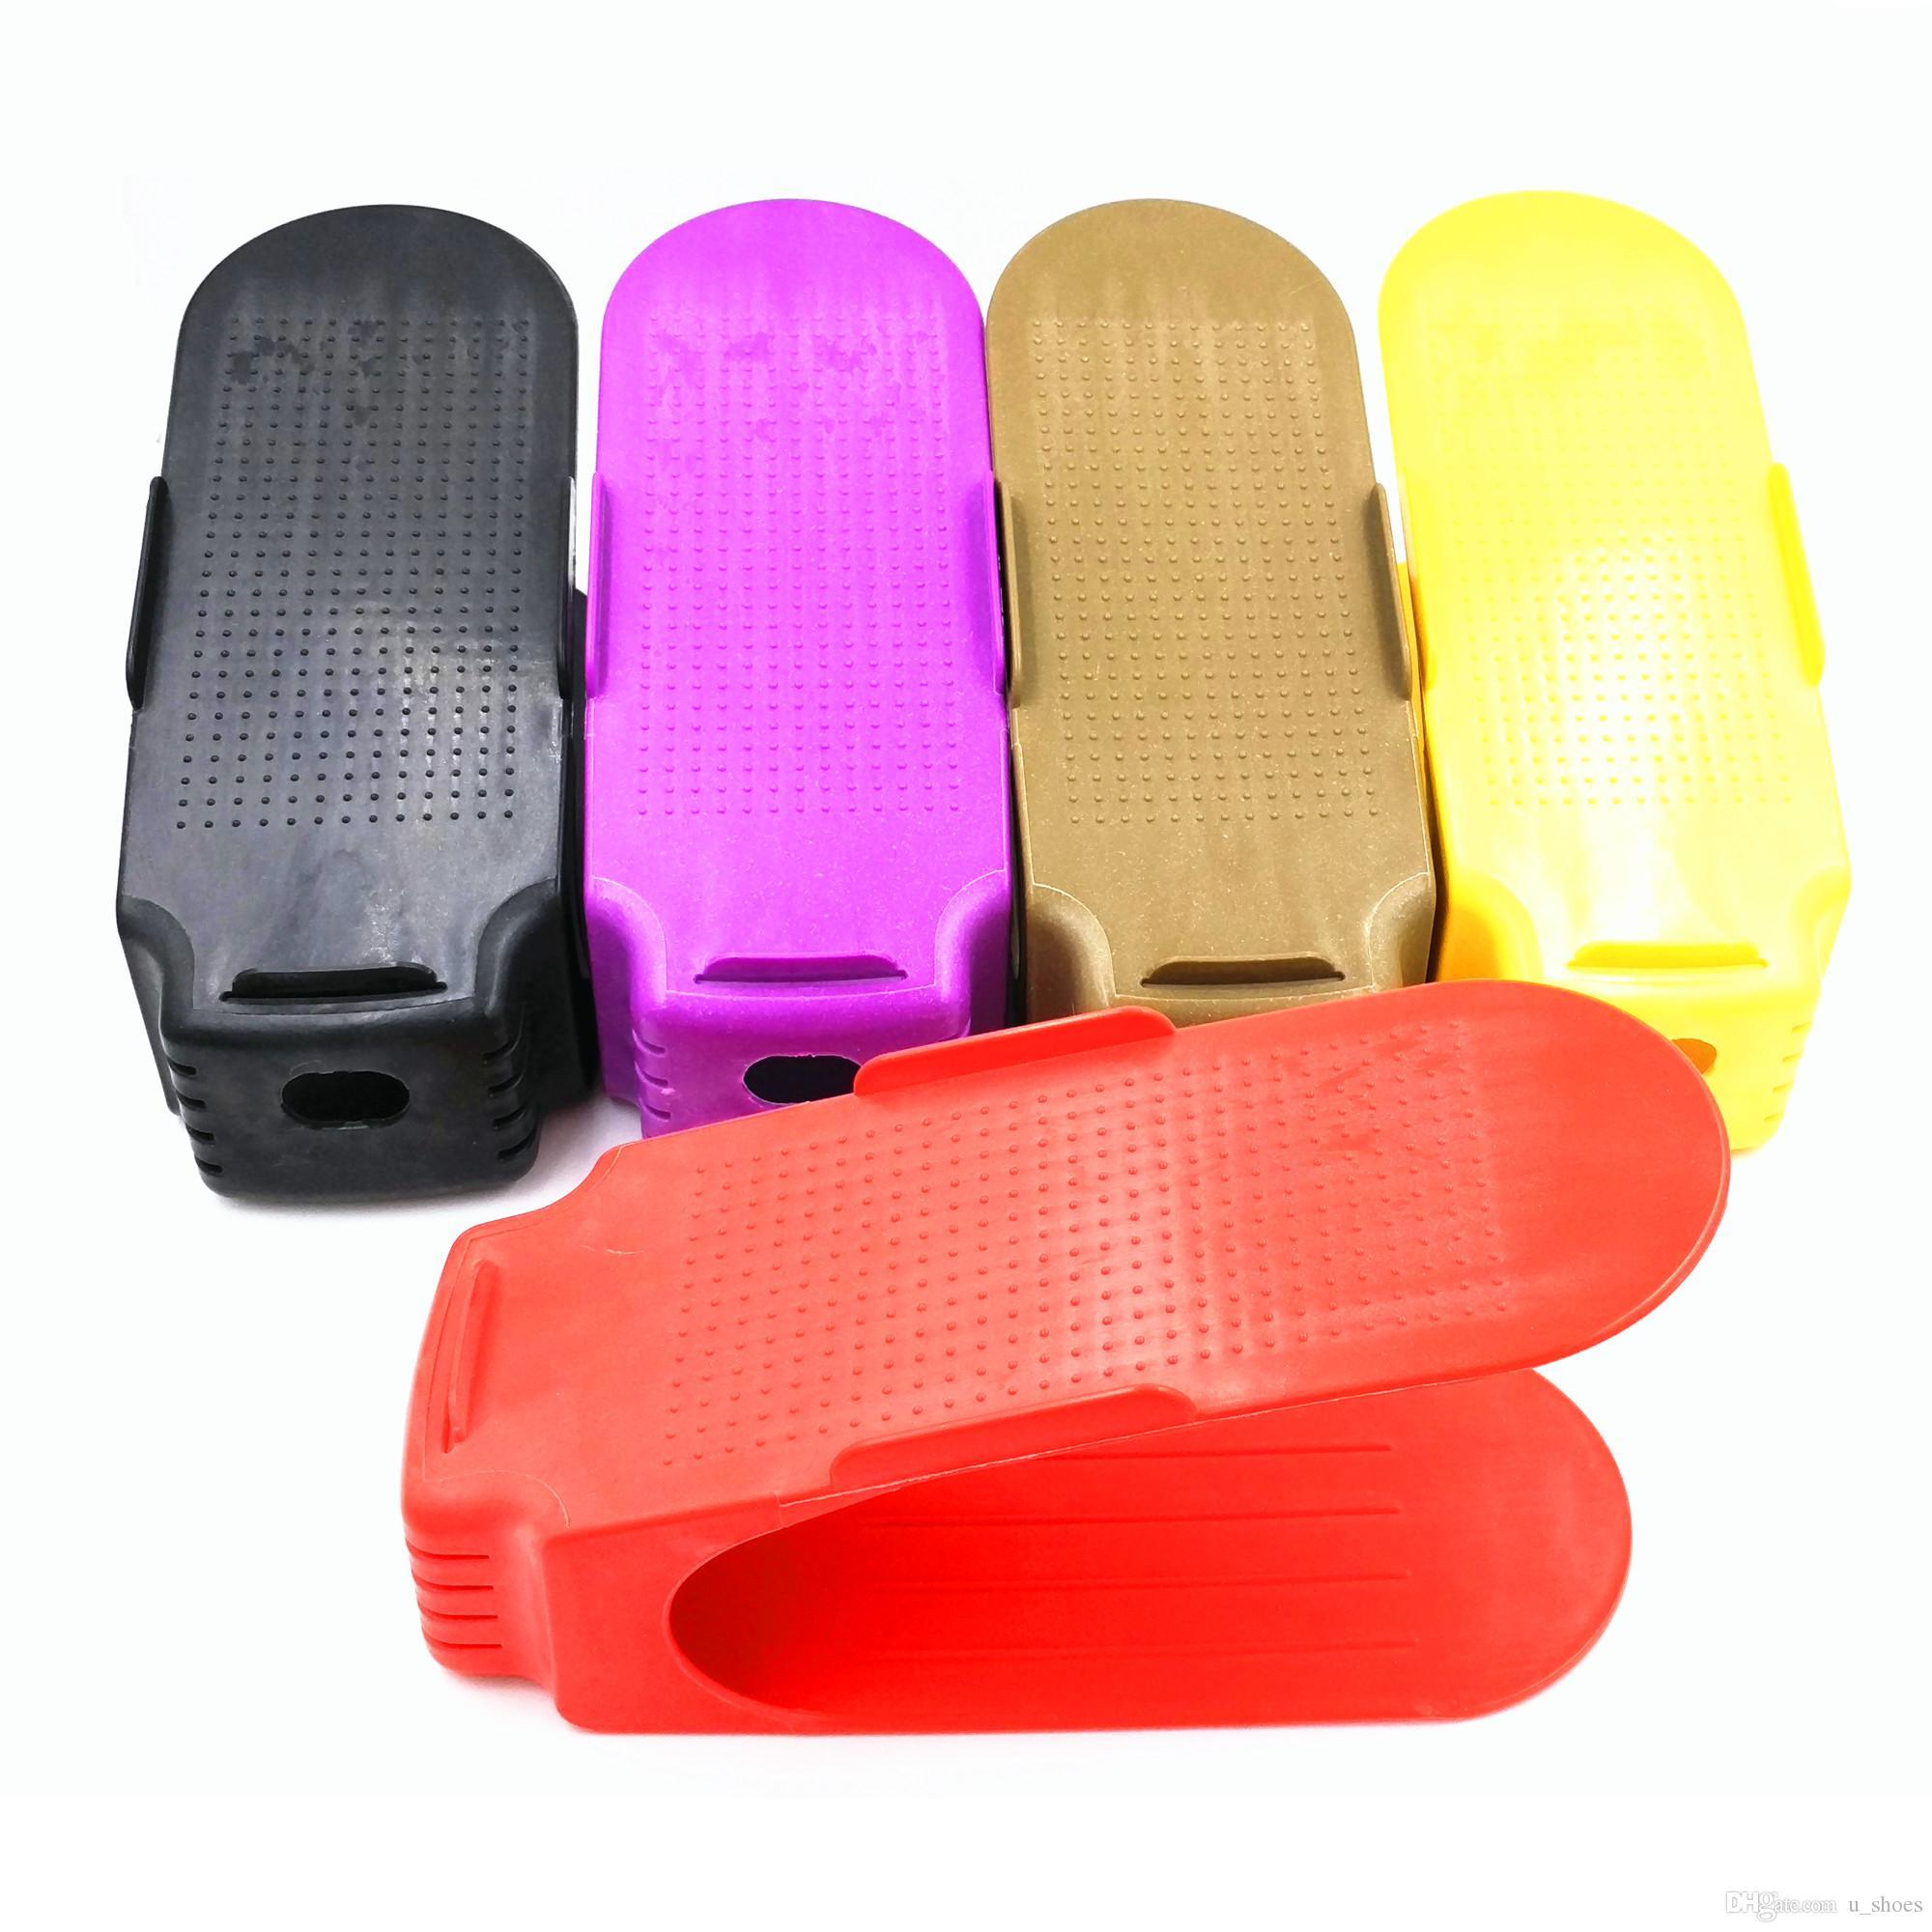 Fornitura di mobili per la casa Rack di stoccaggio integrato Tipo Ispessimento Semplice plastica Carino tinta unita Scarpe Indoor Rock Spedizione gratuita